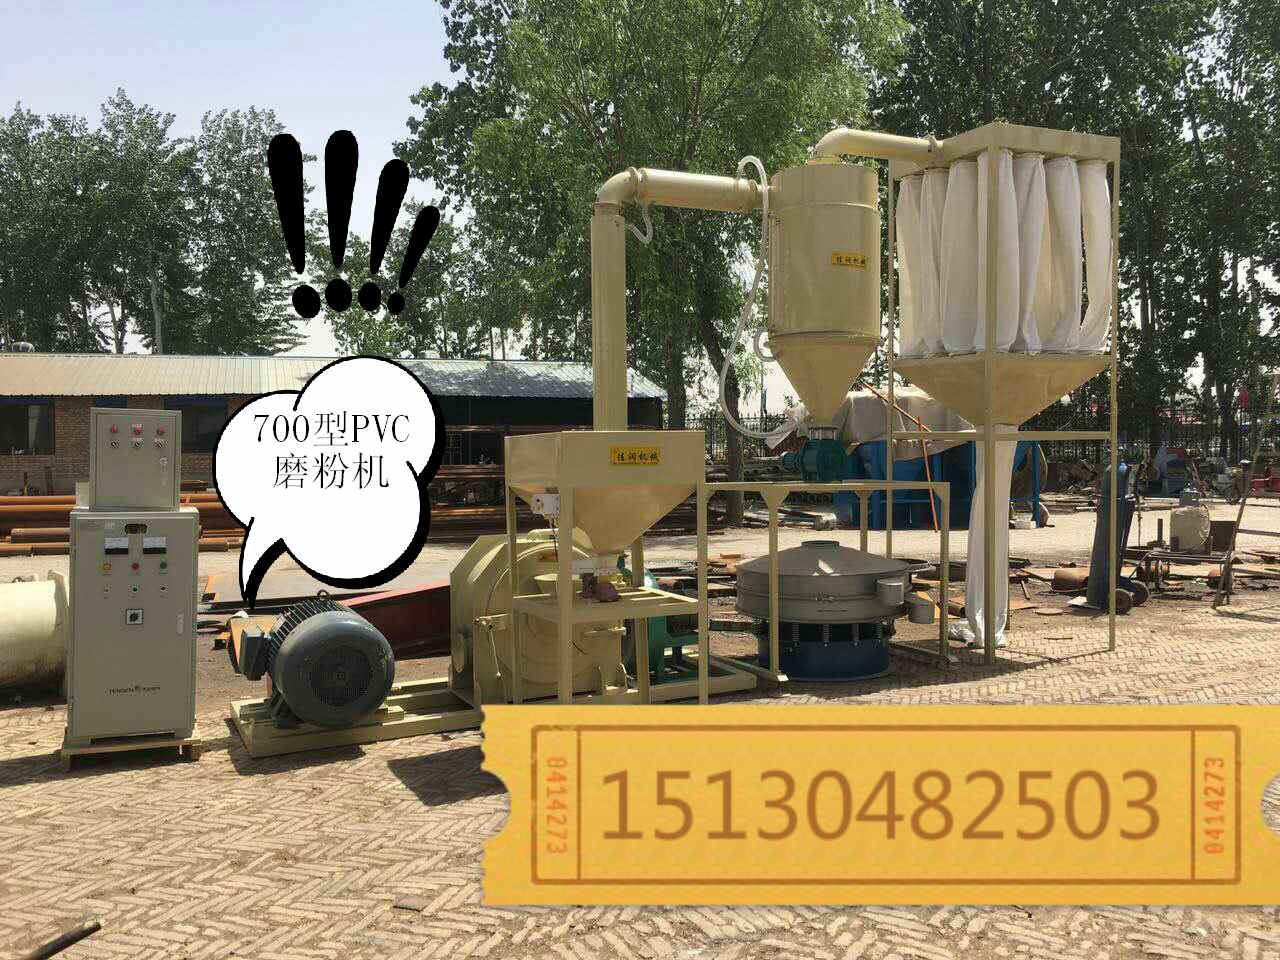 滨州哪里有700塑料磨粉机卖【河北佳润】